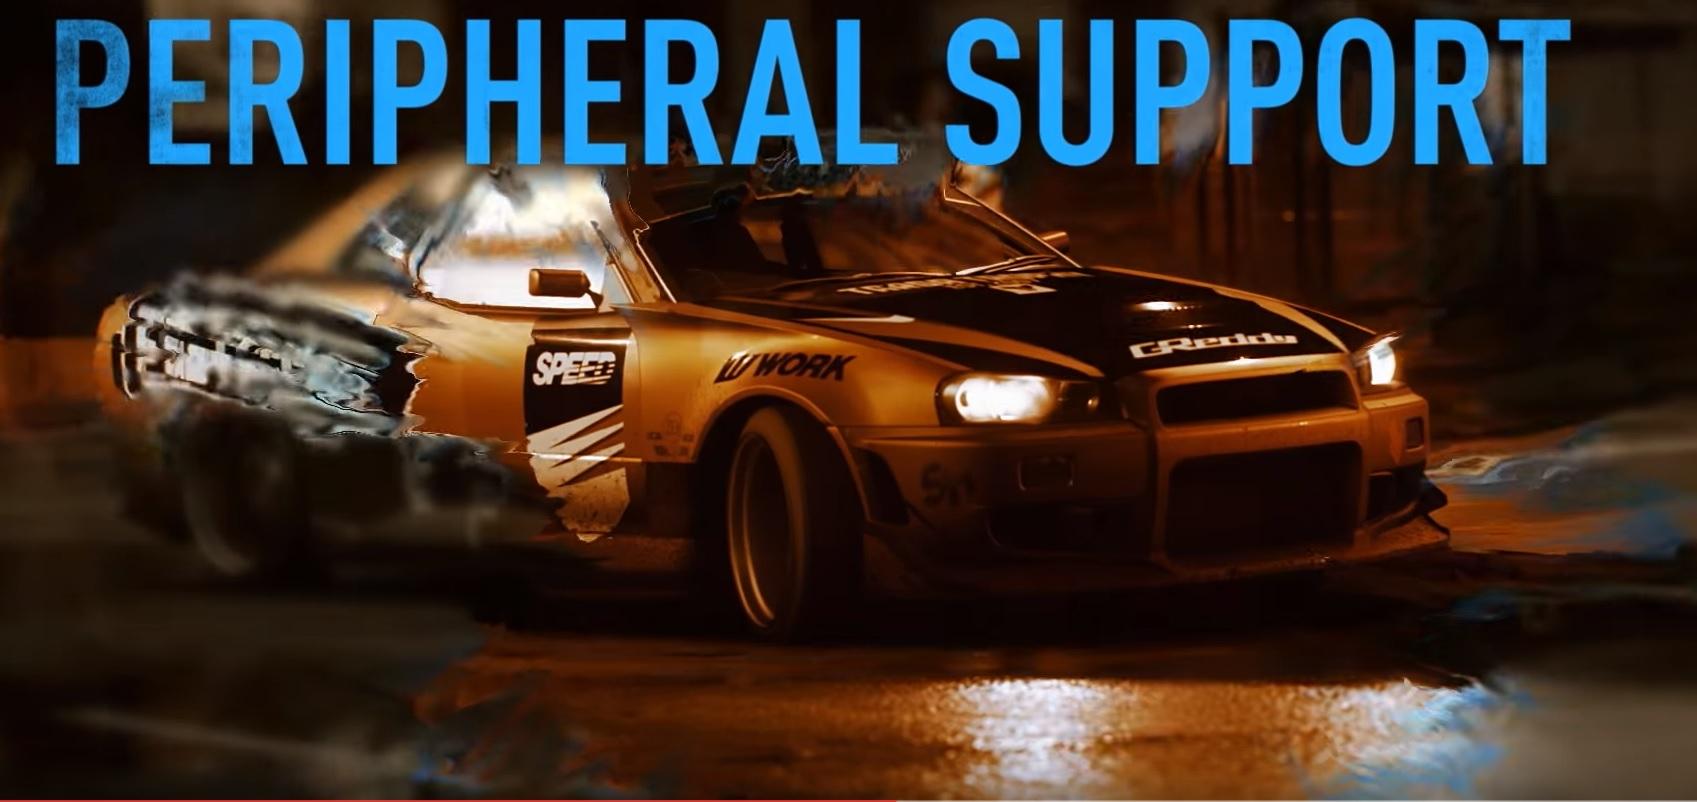 Ilyen kormánnyal játszani az új Need for Speed-et: PC, 60FPS